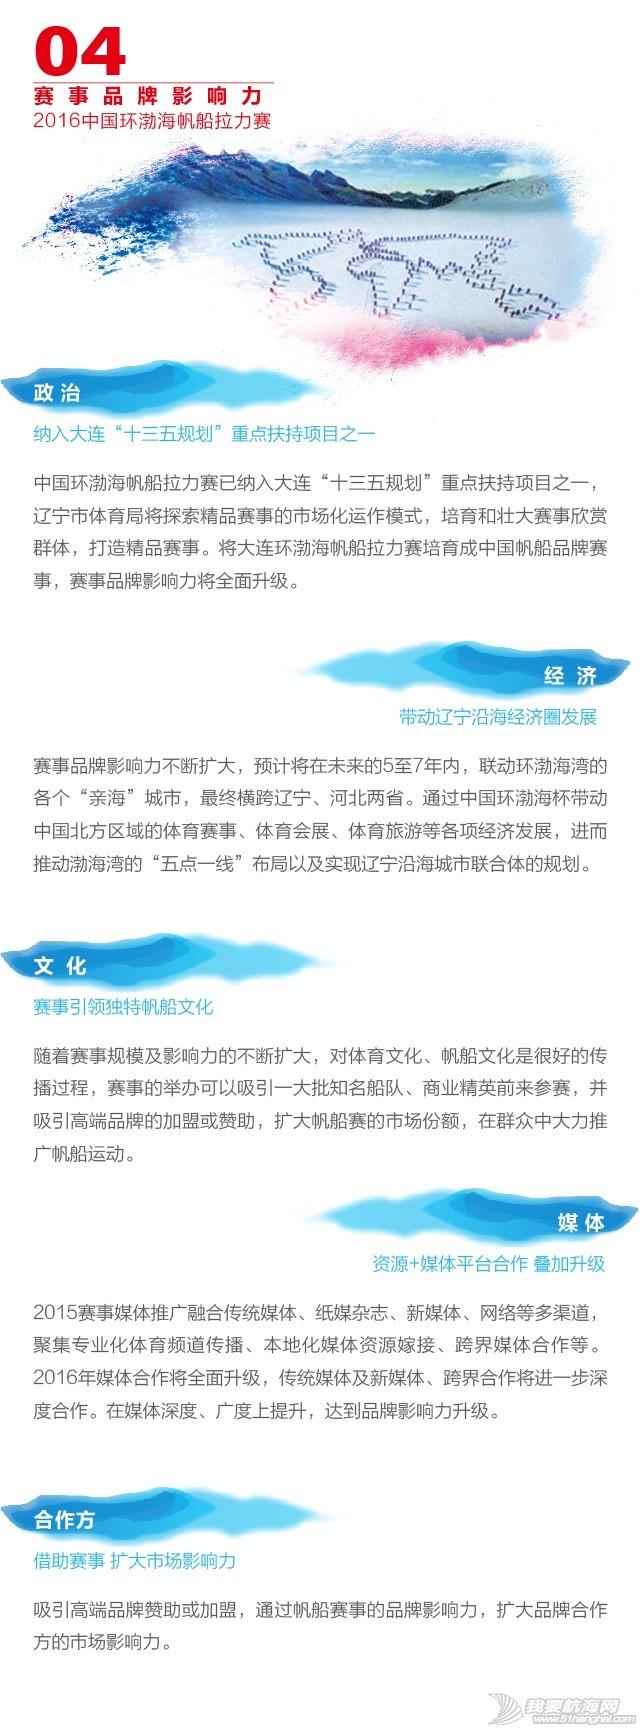 拉力赛,中国,渤海,帆船 2016中国环渤海帆船拉力赛 114717bbe4b547fuz873sf.jpg